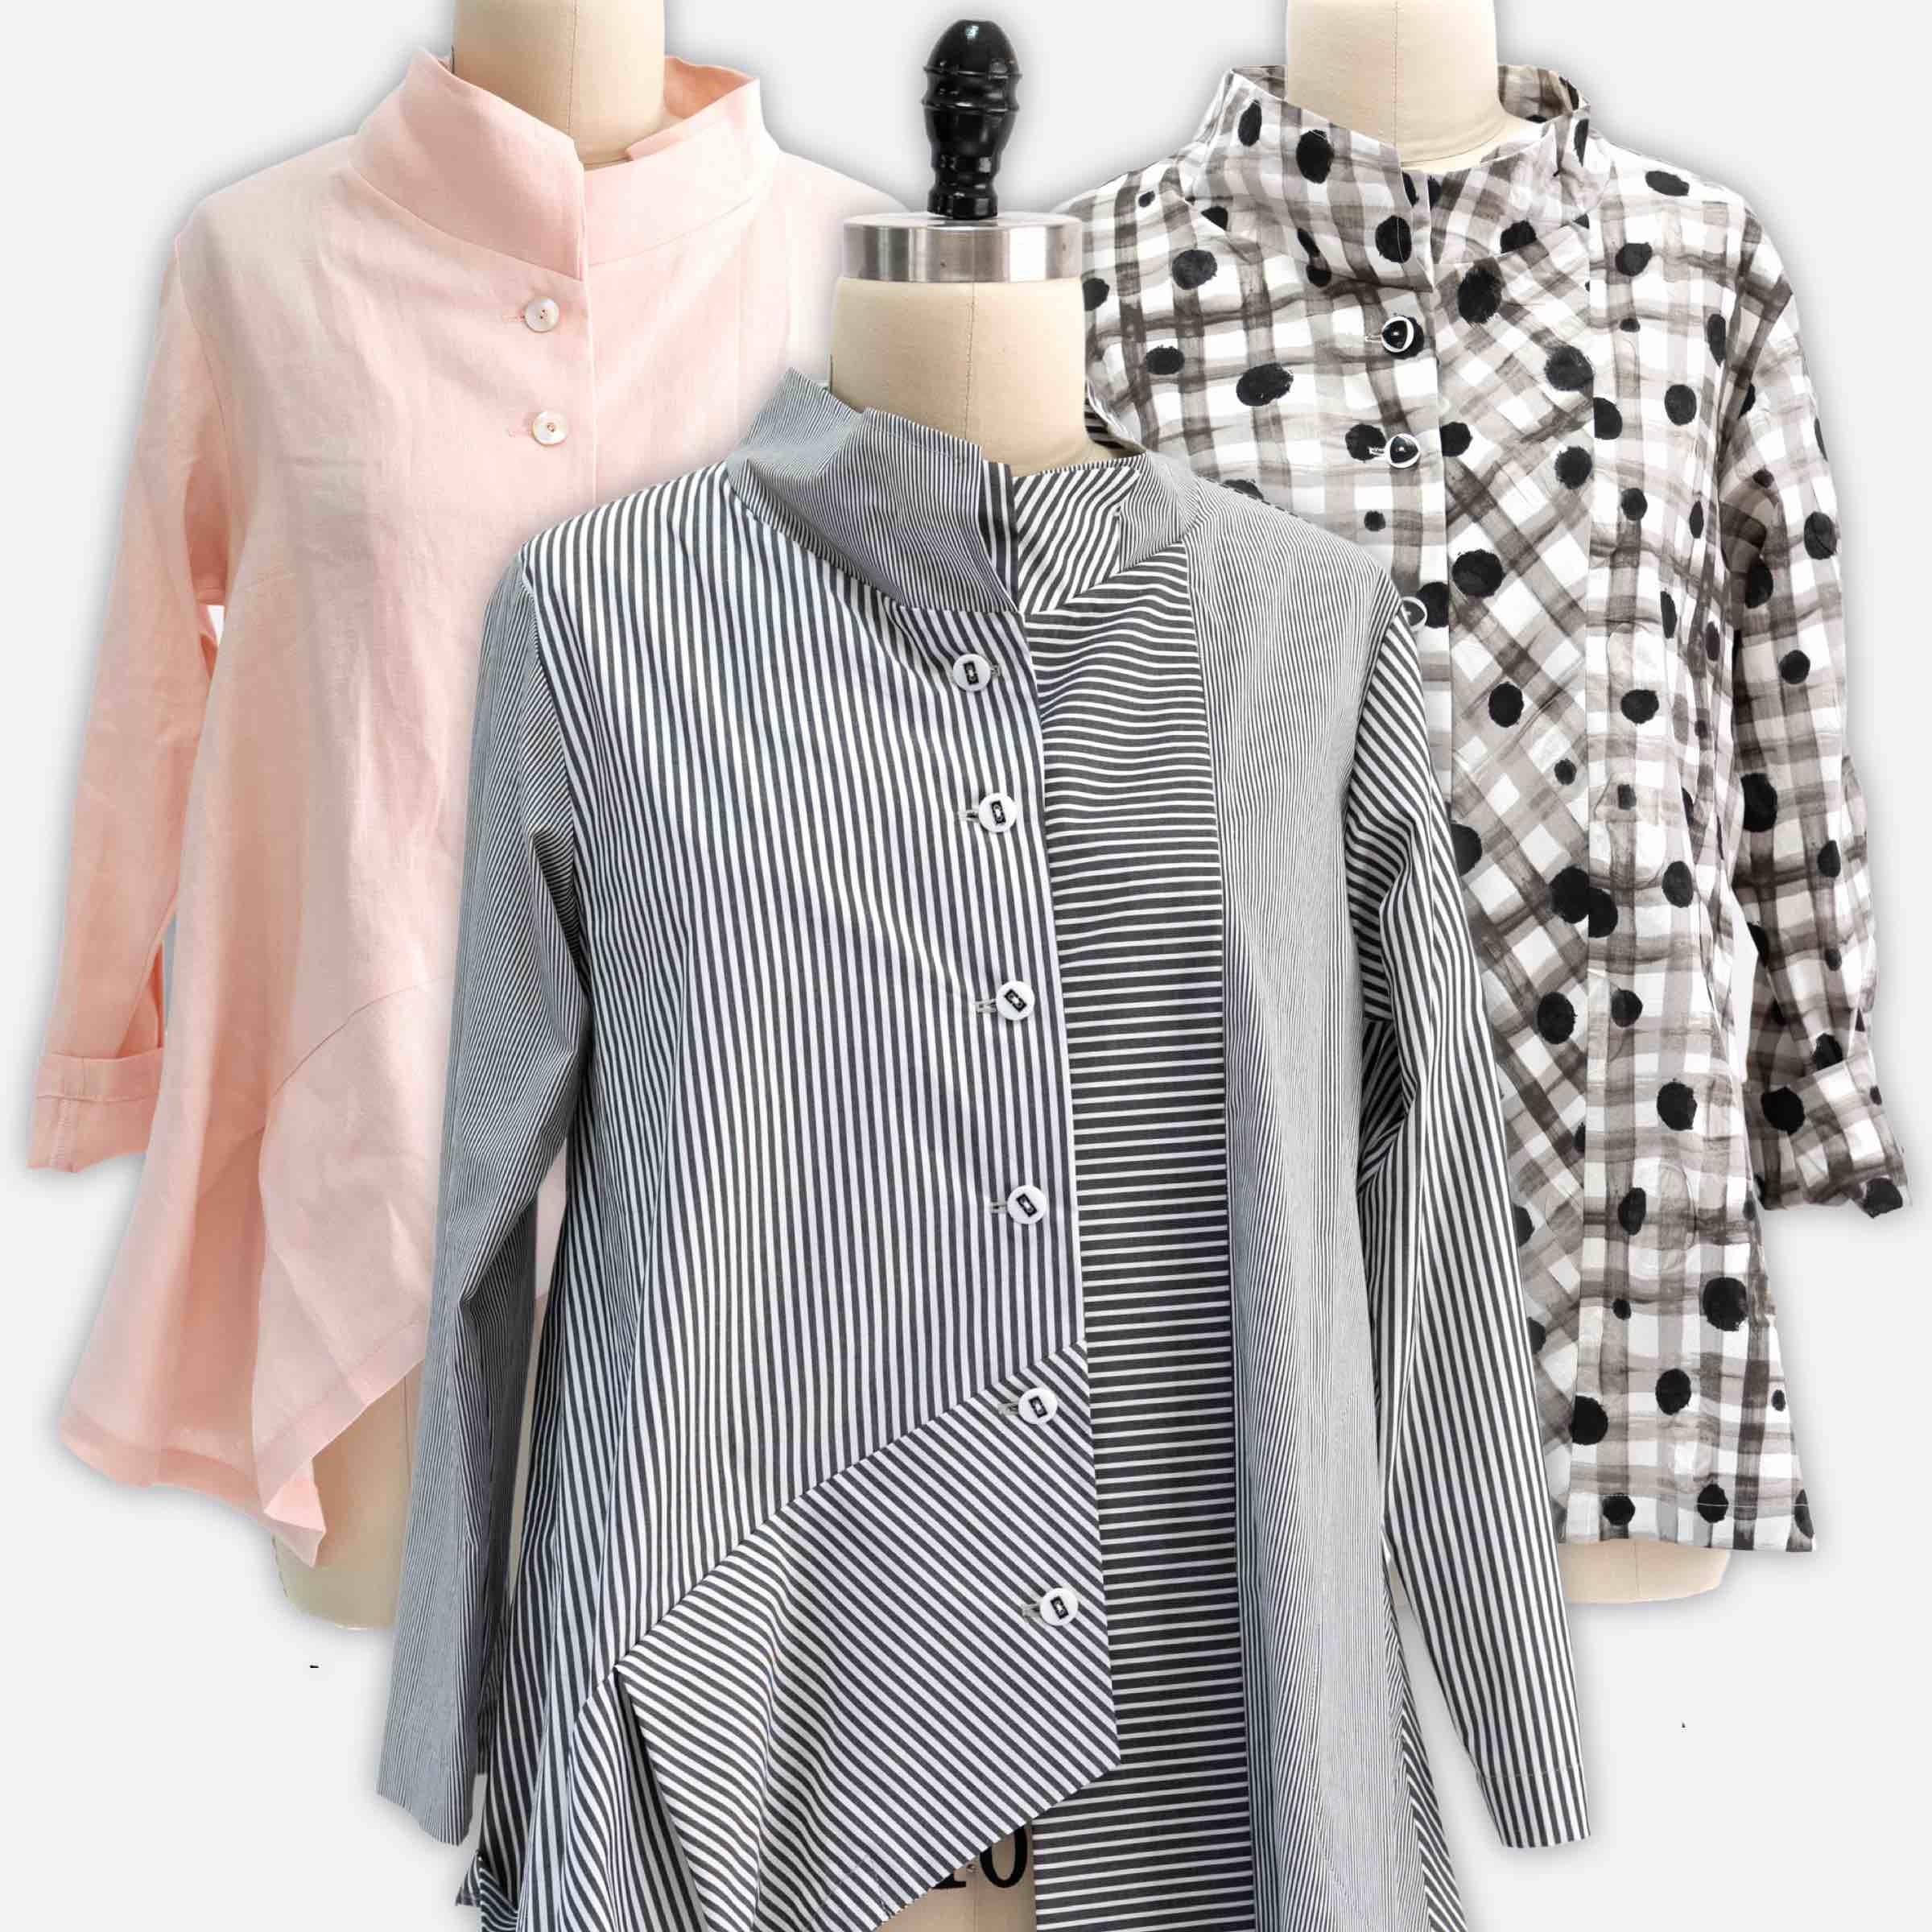 Marcy Tilton's sewing tips for her V1784 shirt design for Vogue Patterns.